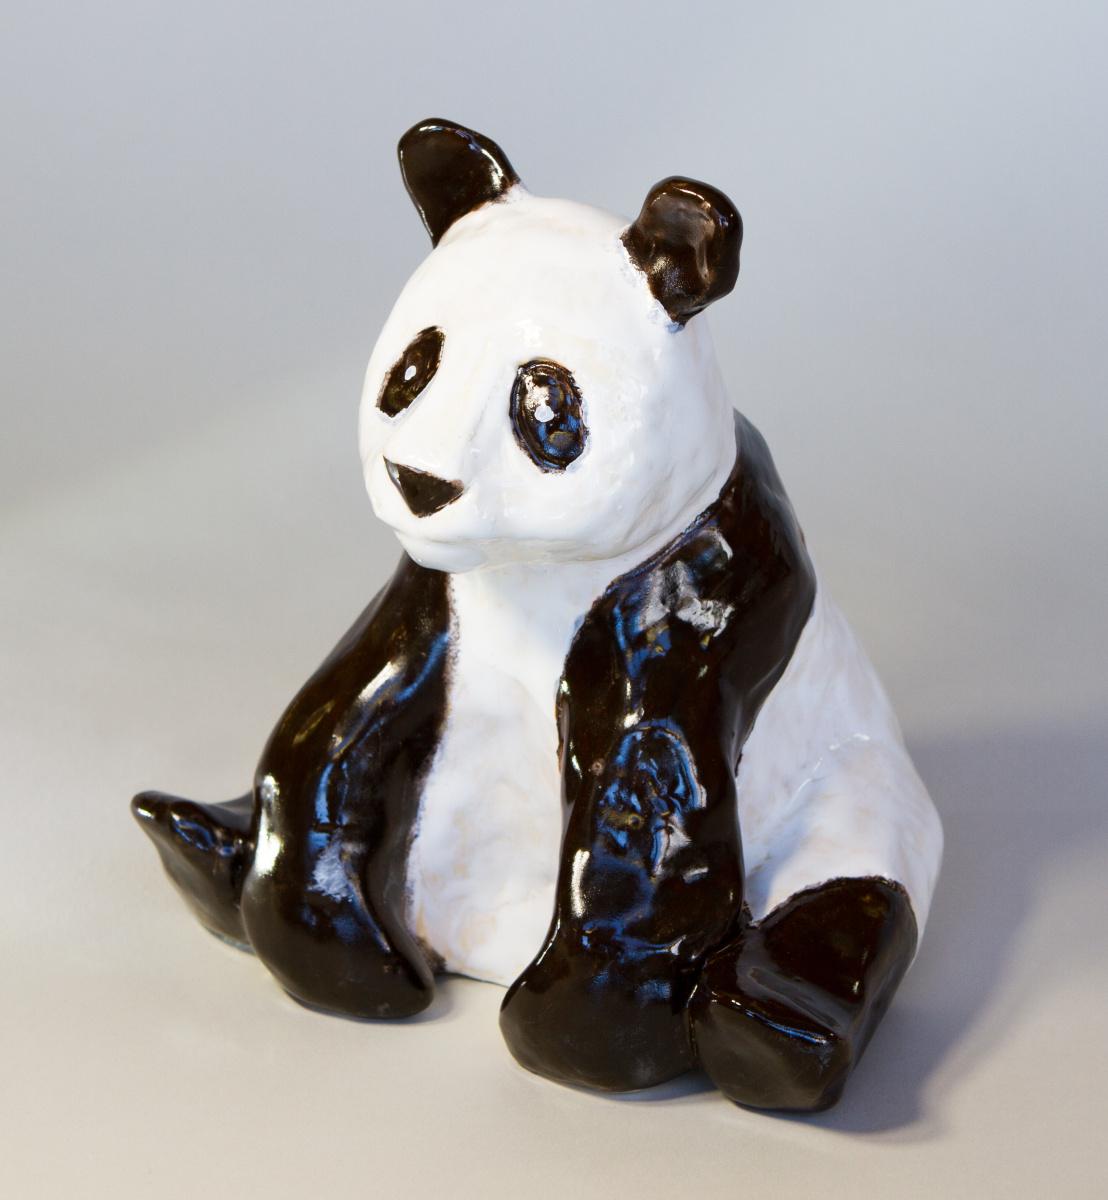 Евгений Морозов. Panda